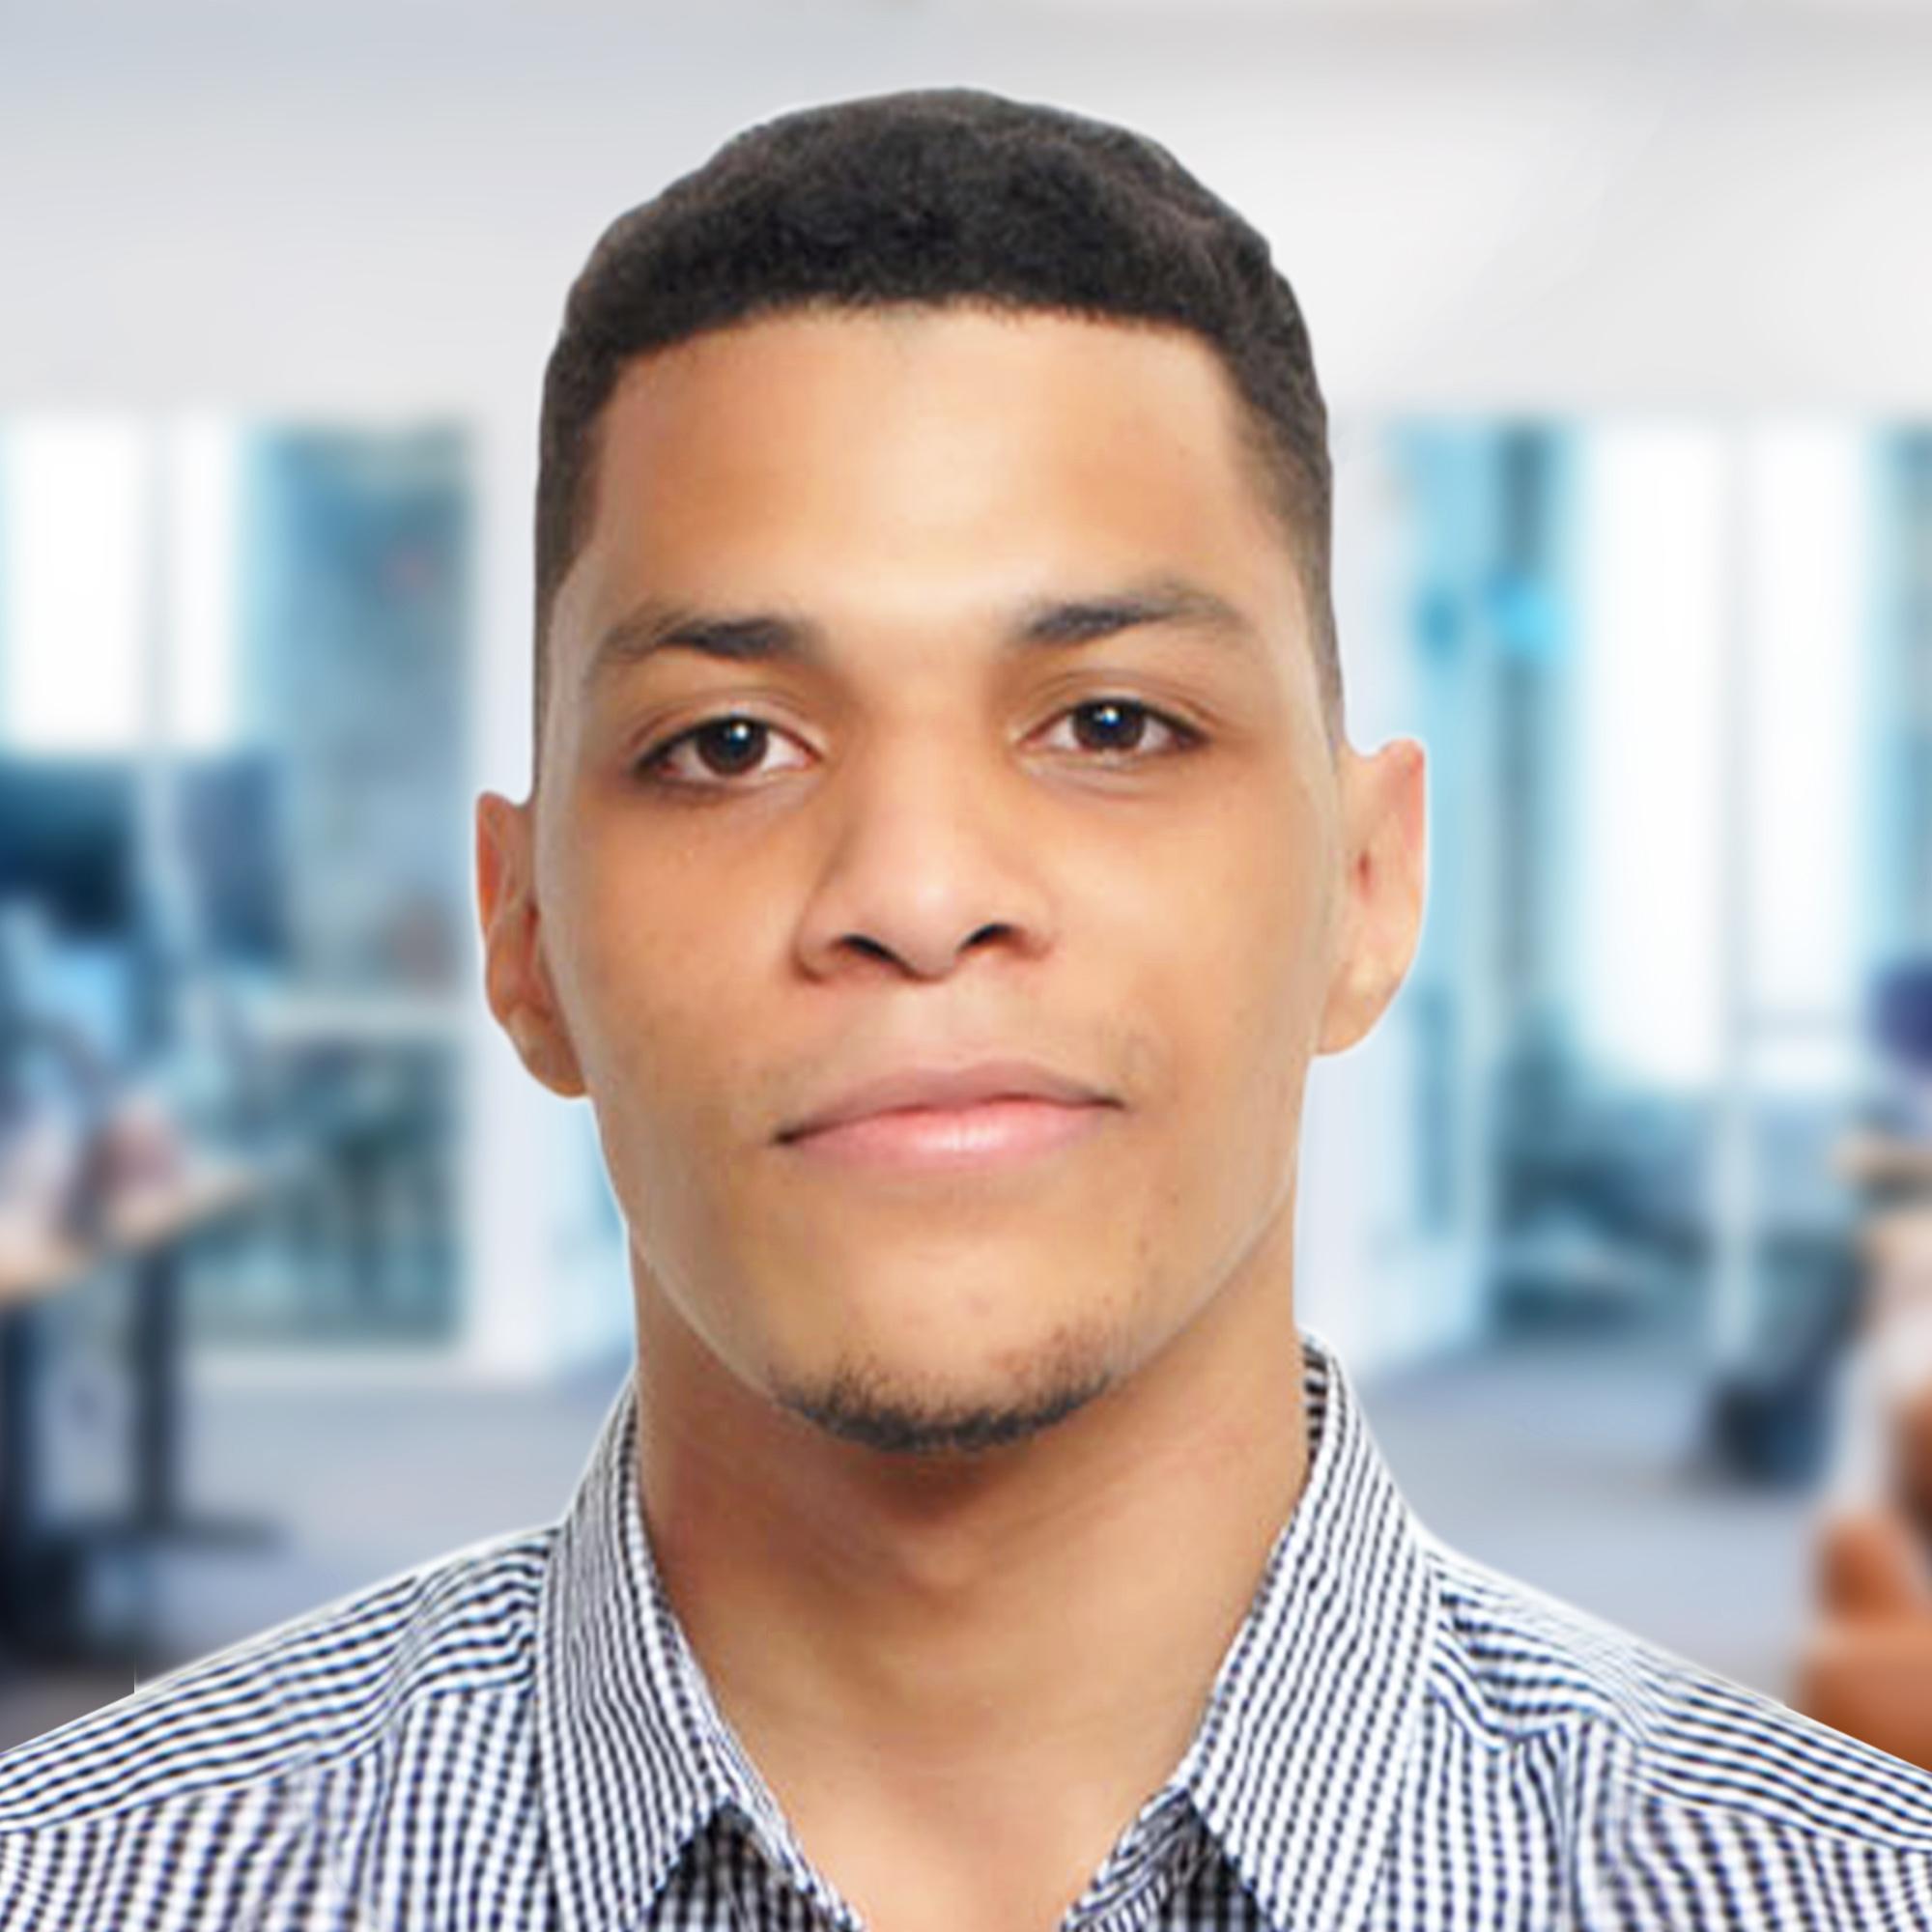 Yefferson Espinoza